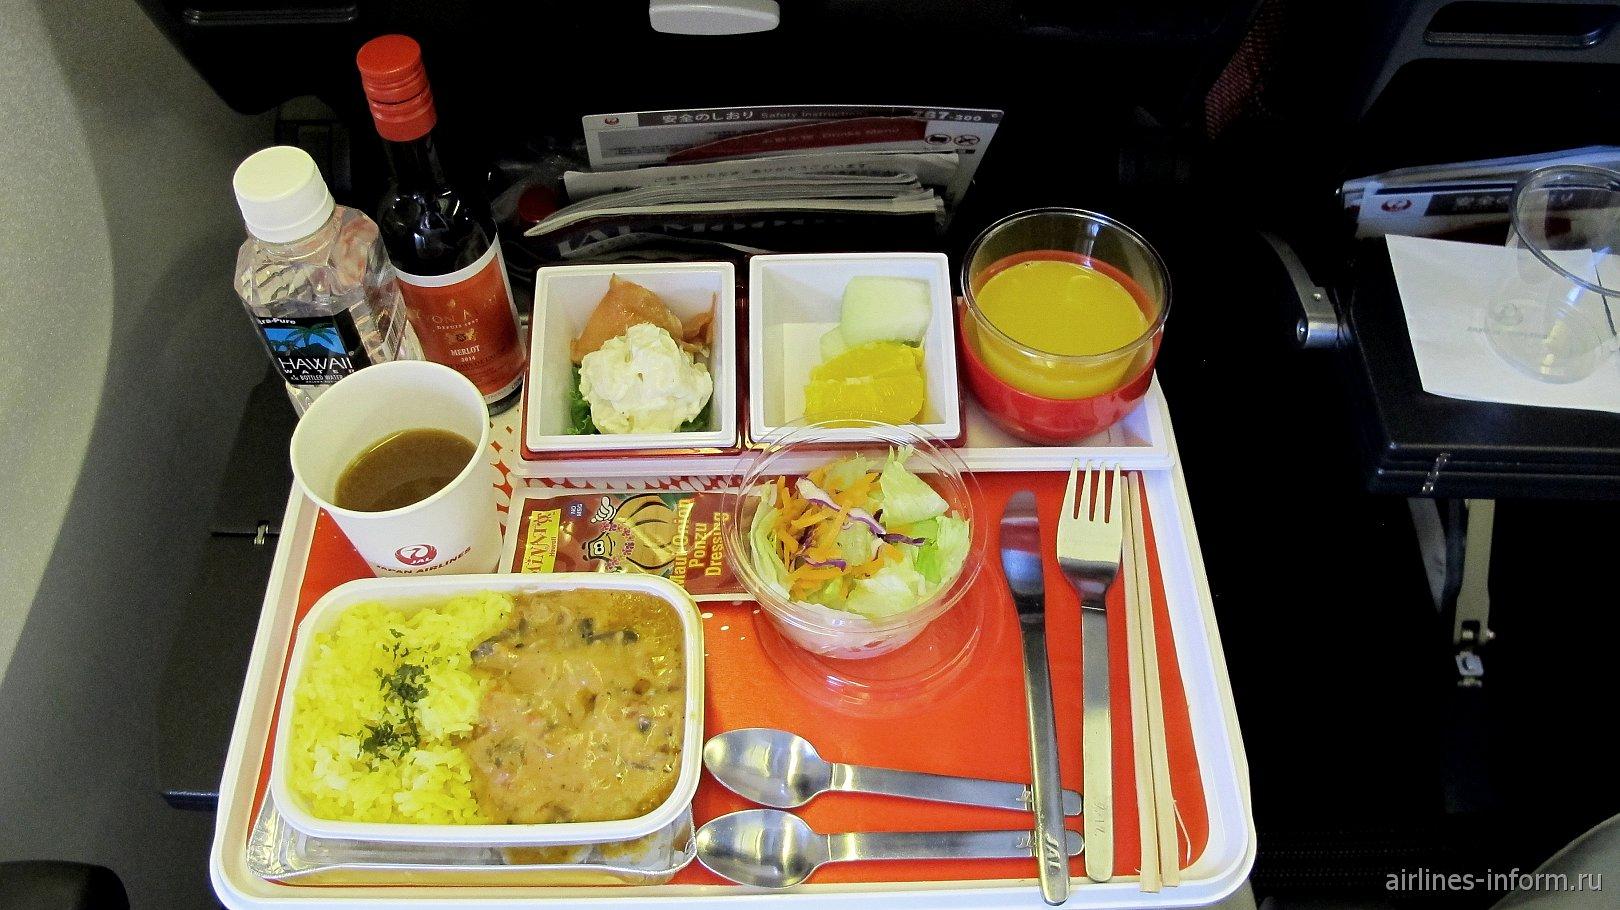 Бортпитание эконом-класса на рейсе Японских авиалиний Гонолулу-Токио